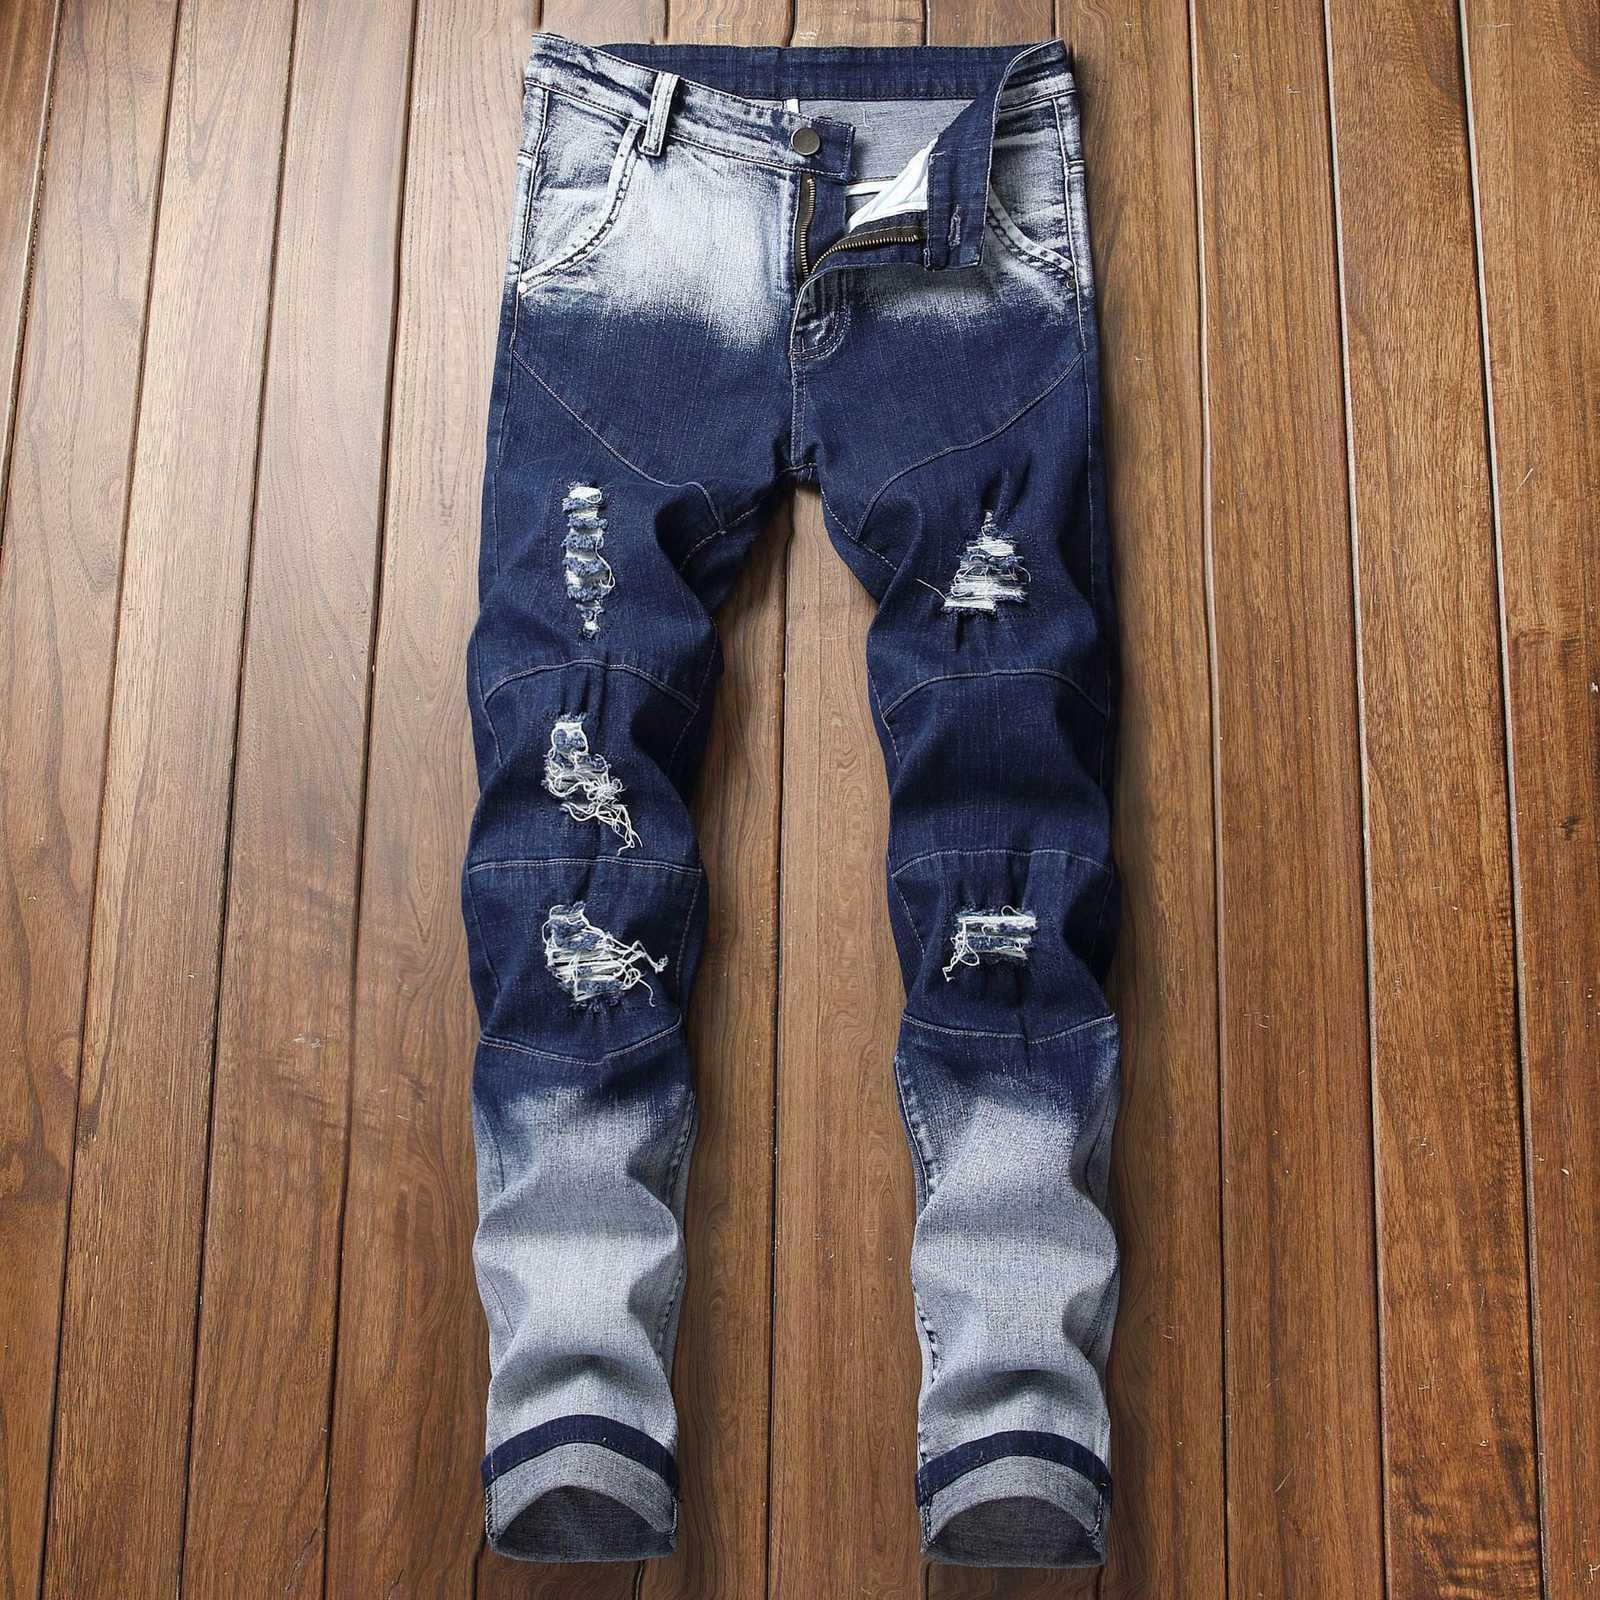 Norteamericano Slim Fit Agujero Elástico Hot Hot Men's Color Cambiando Pantalones Pasantes Pegados Hombres